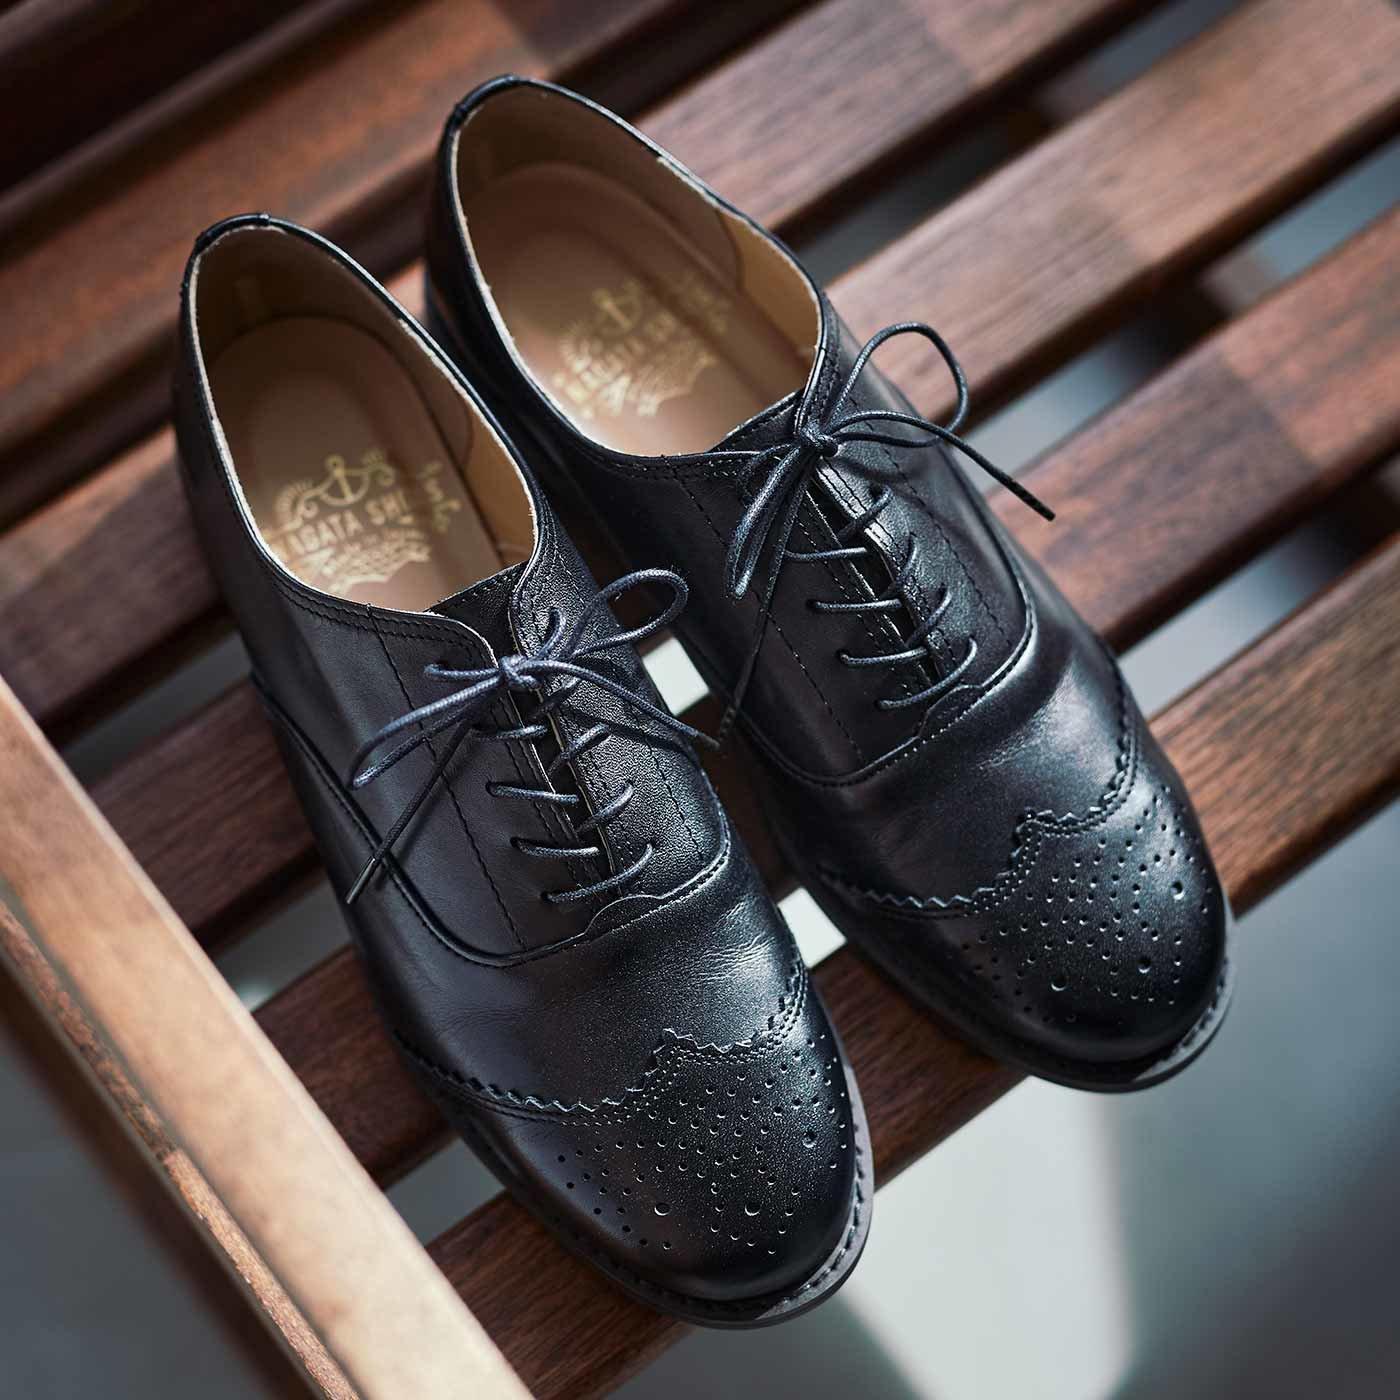 長田靴職人が叶えた 本革ハーフウィングチップ〈ノアール〉[本革 靴:日本製]